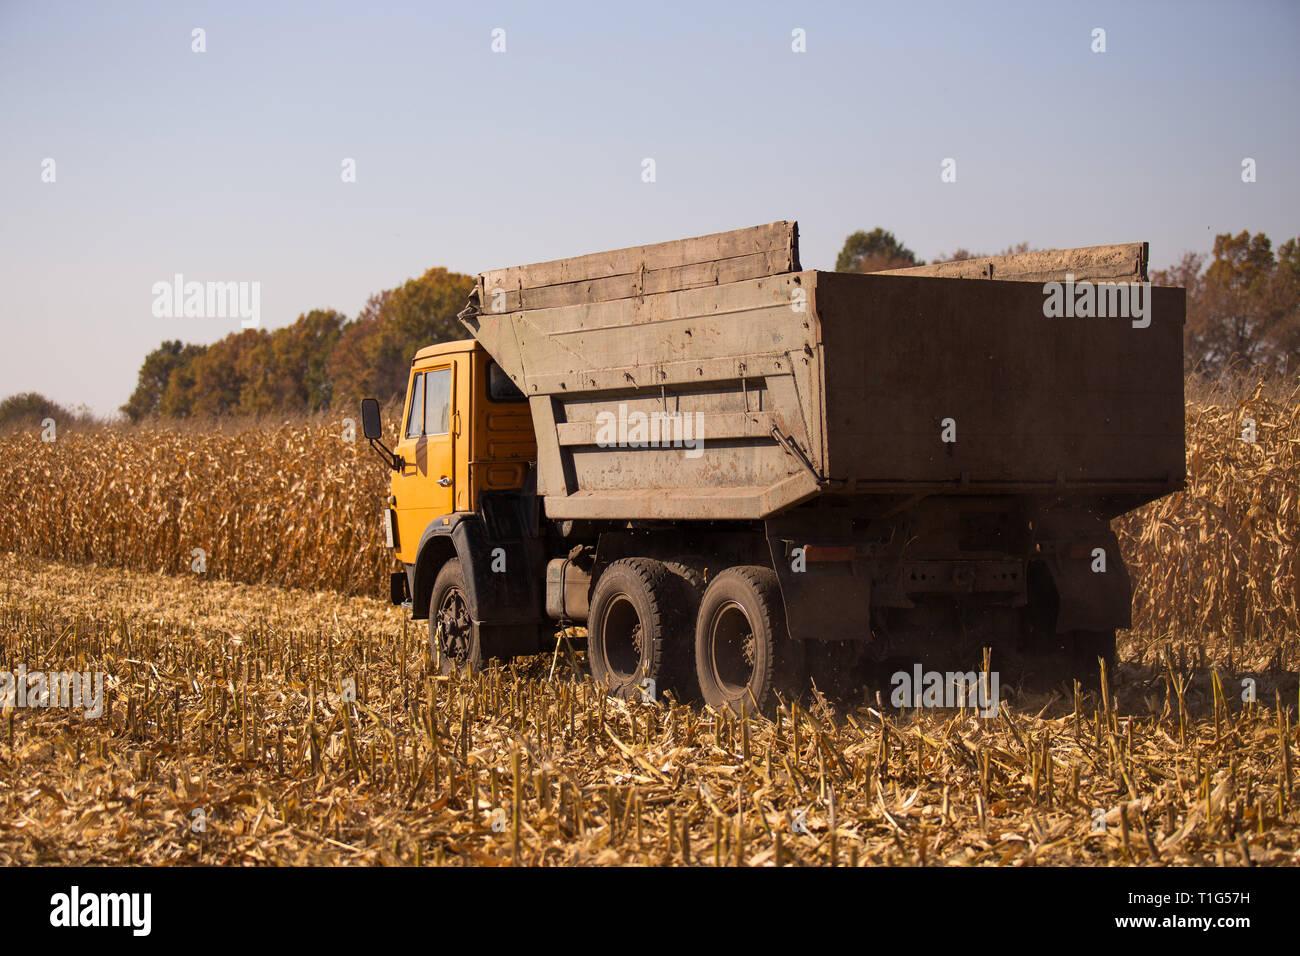 Fabelhaft Lkw Landwirtschaft Stockfotos & Lkw Landwirtschaft Bilder - Alamy #WD_21